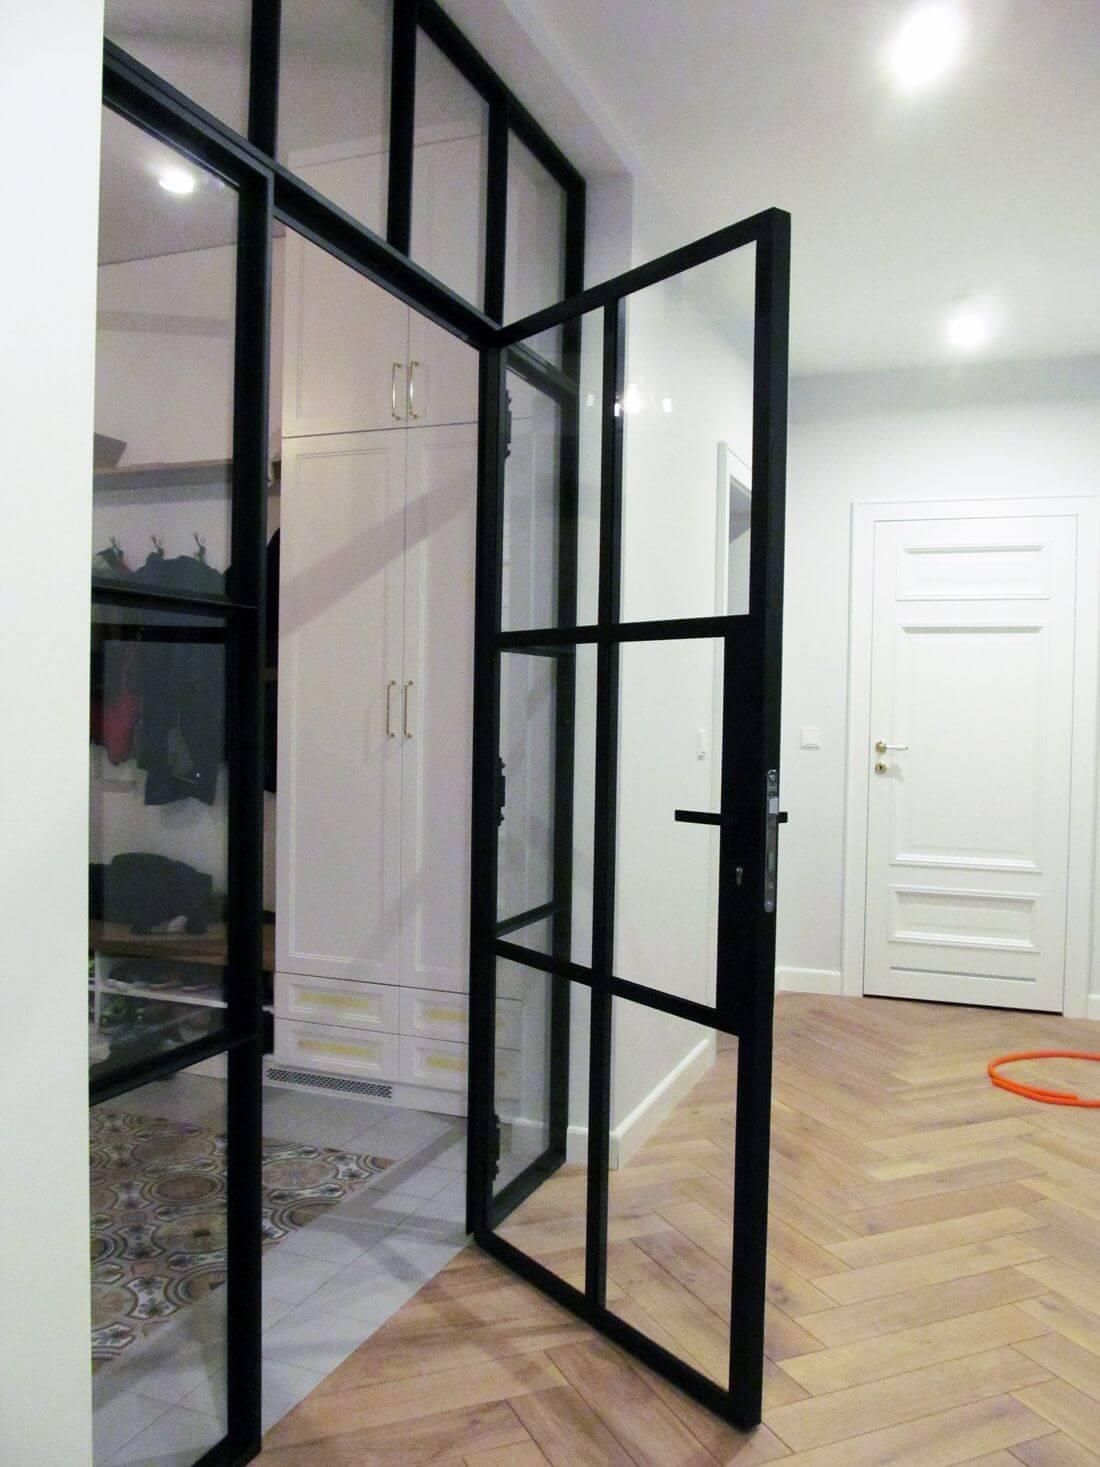 Glass Swing Loft Doors with Loft Walls - view from corridor to open closed door